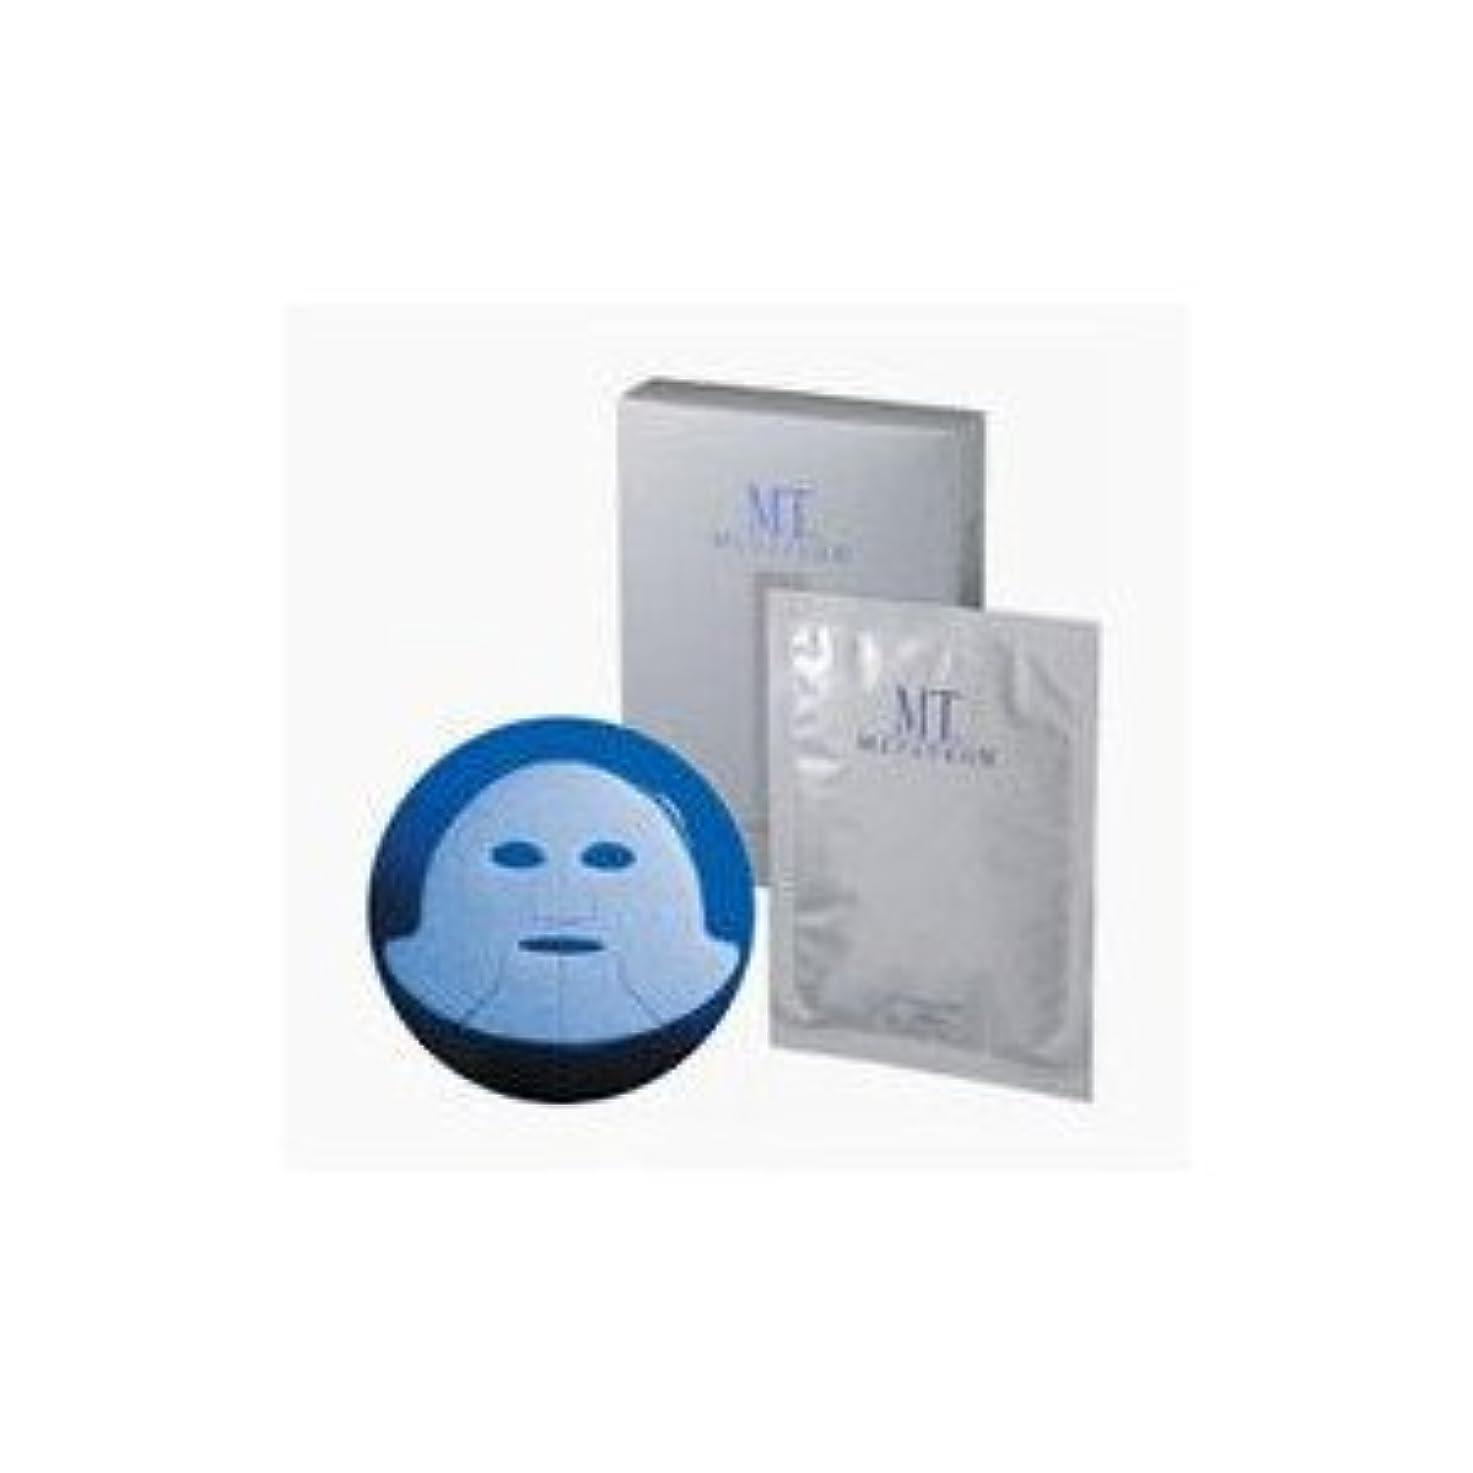 調べる彼の溶融MTメタトロン MT コントア マスク 6枚入り アウトレット